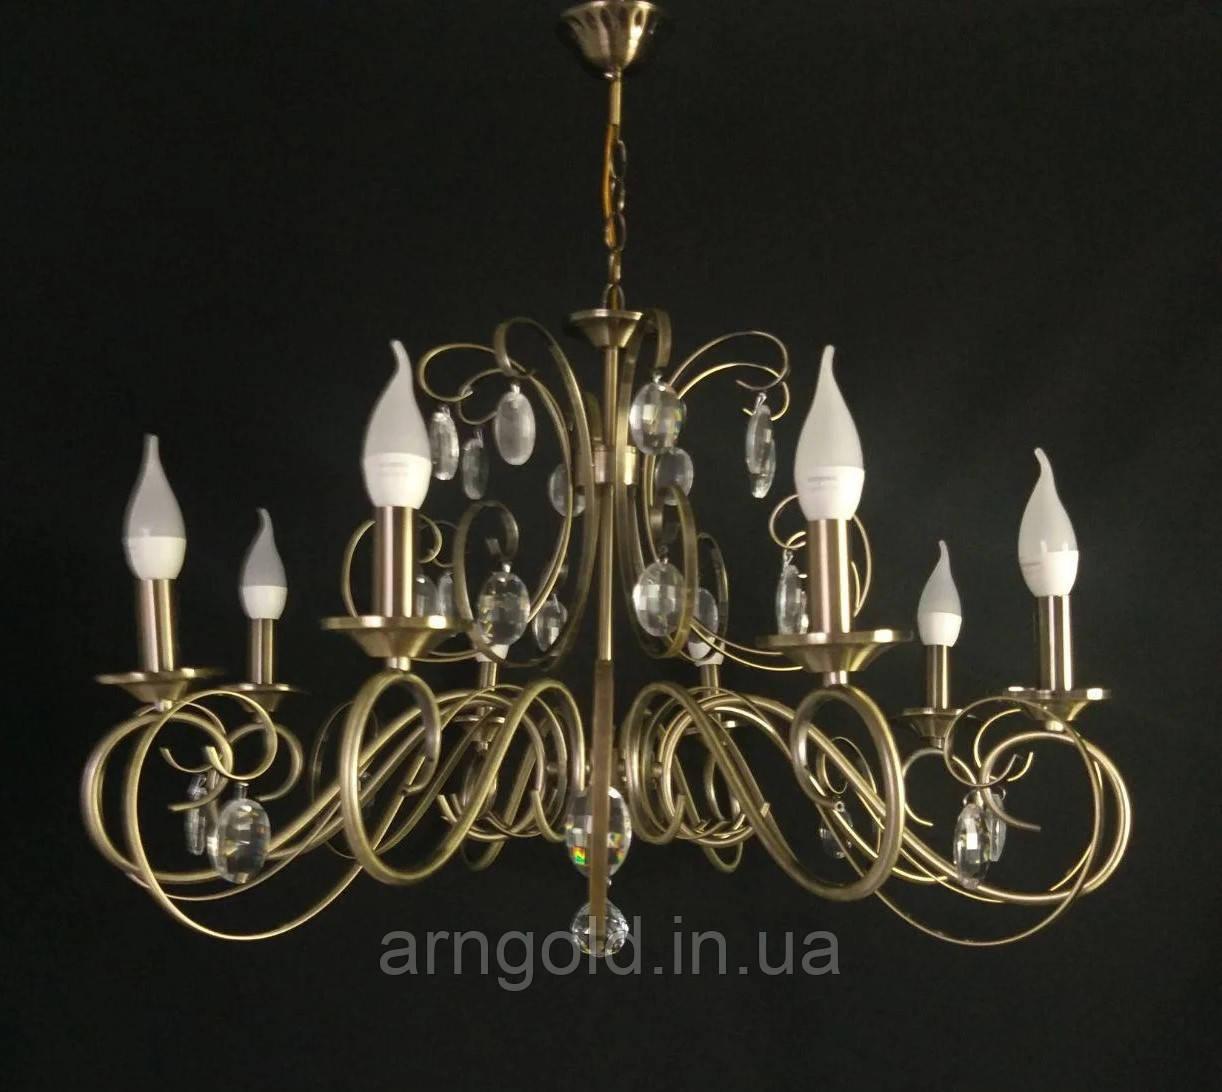 Люстра подвесная на 8 ламп 3-N3053/8 античное золото